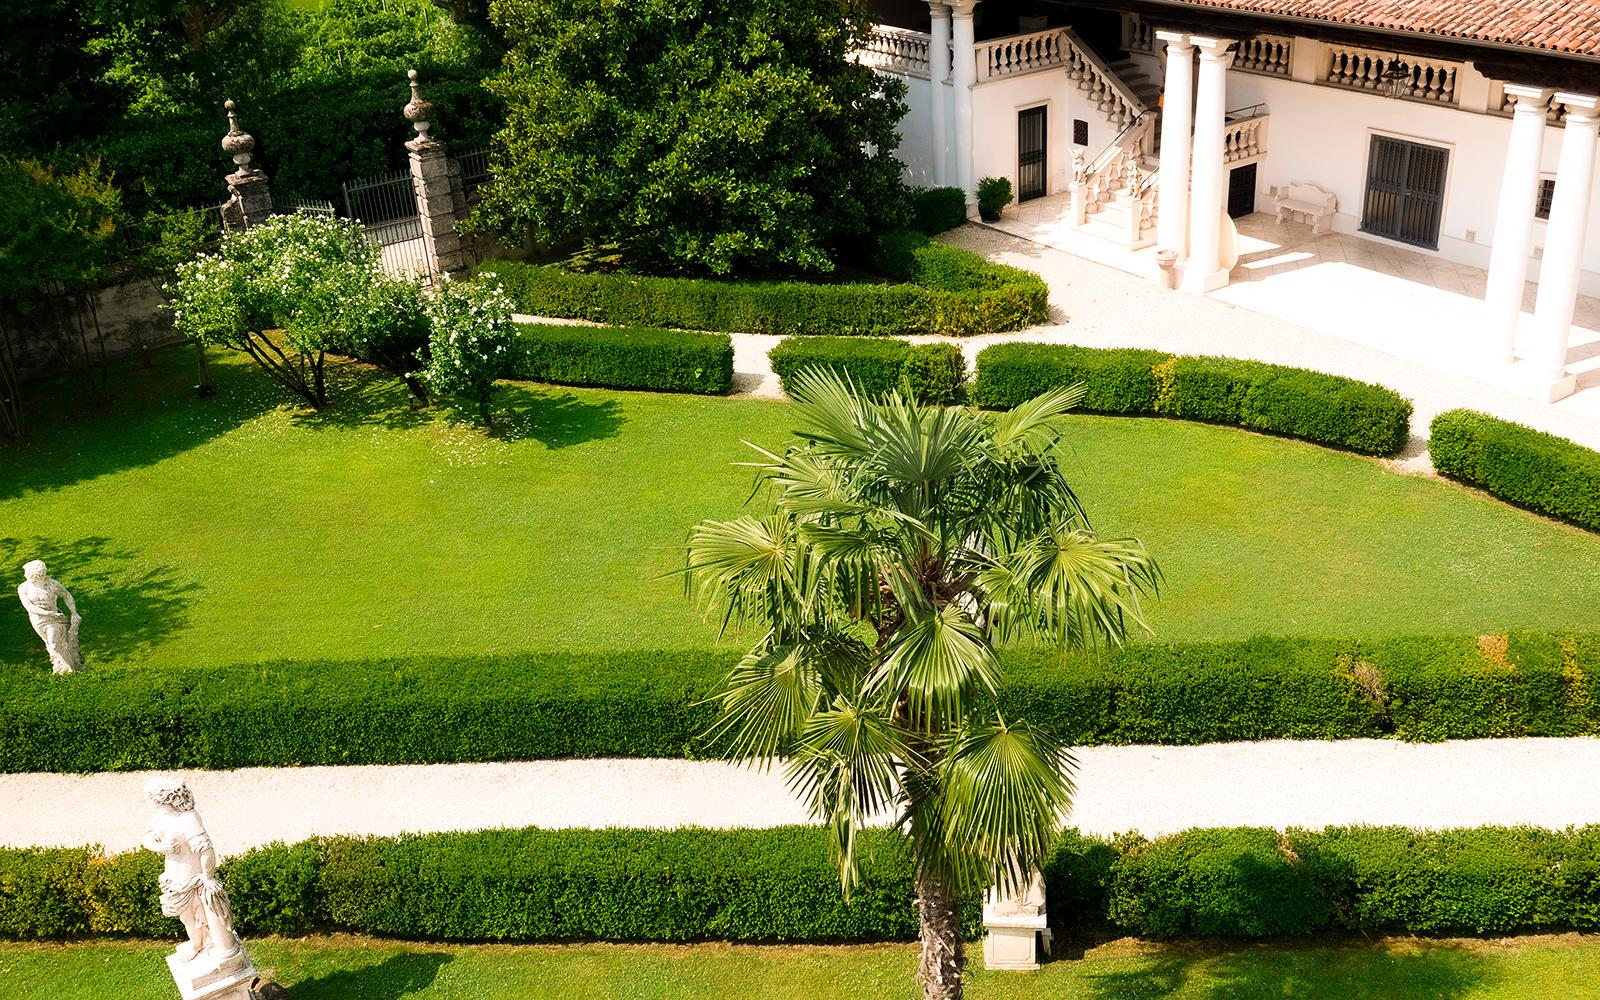 spazio esterno per eventi Vicenza, giardino esterno matrimonio Vicenza, giardino esterno matrimonio Padova, giardino esterno matrimoni Vicenza